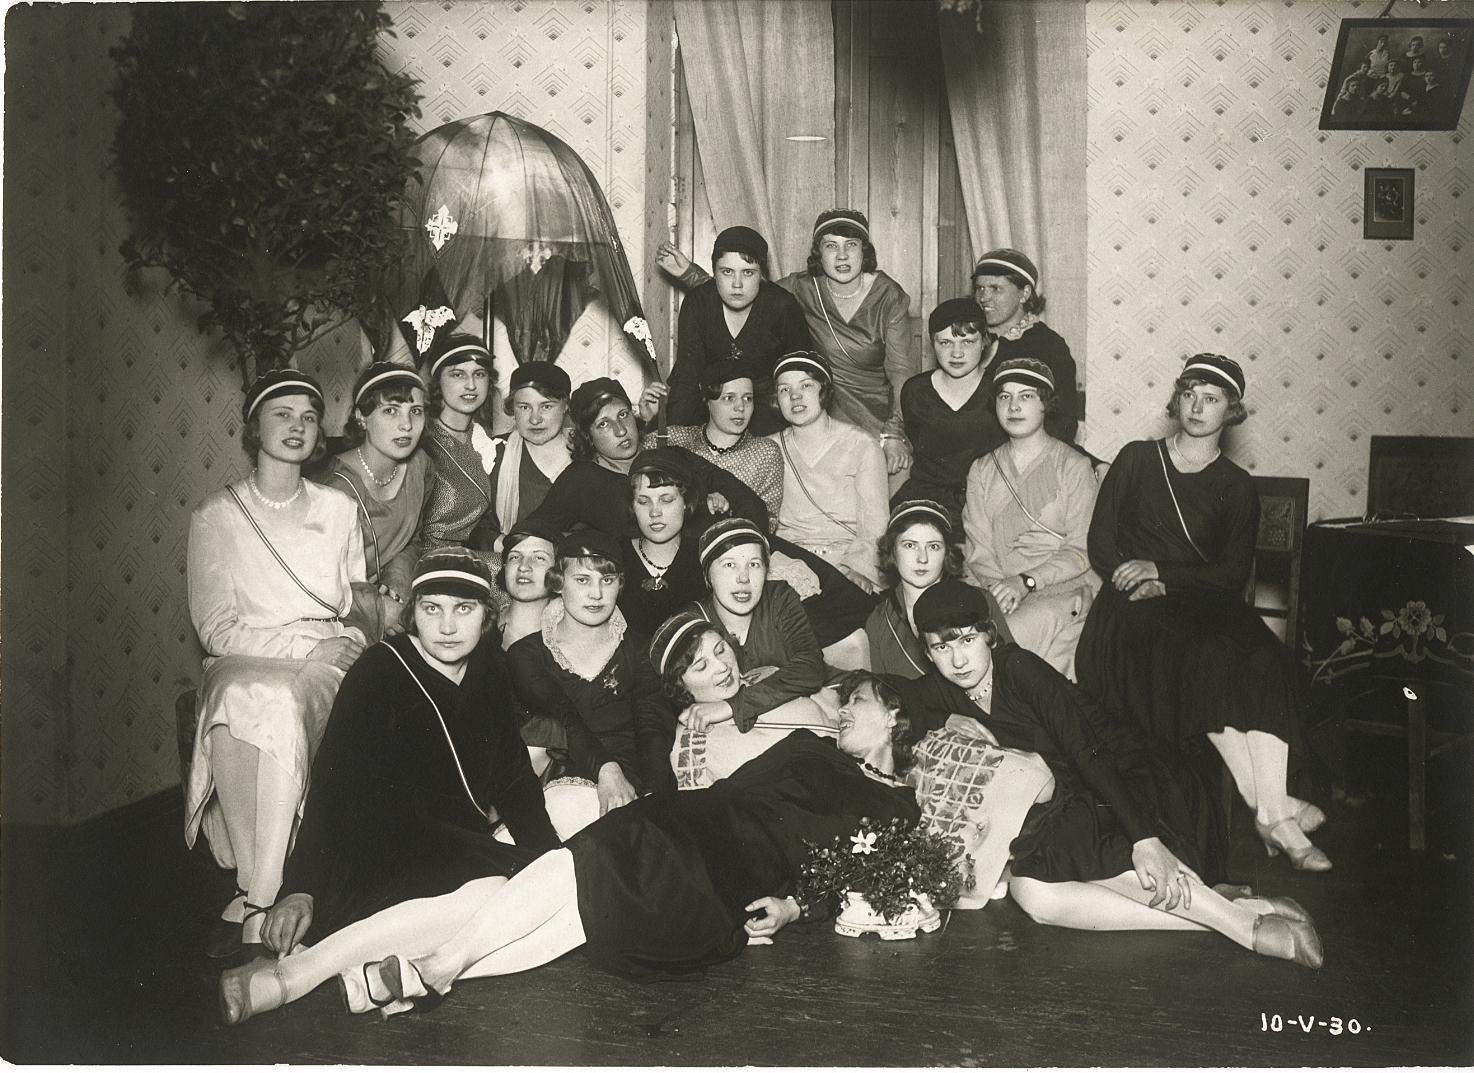 Indla liikmed kuus aastat pärast korporatsiooni asutamist ehk 1930. aasta kevadel. Foto: korp! Indla arhiiv